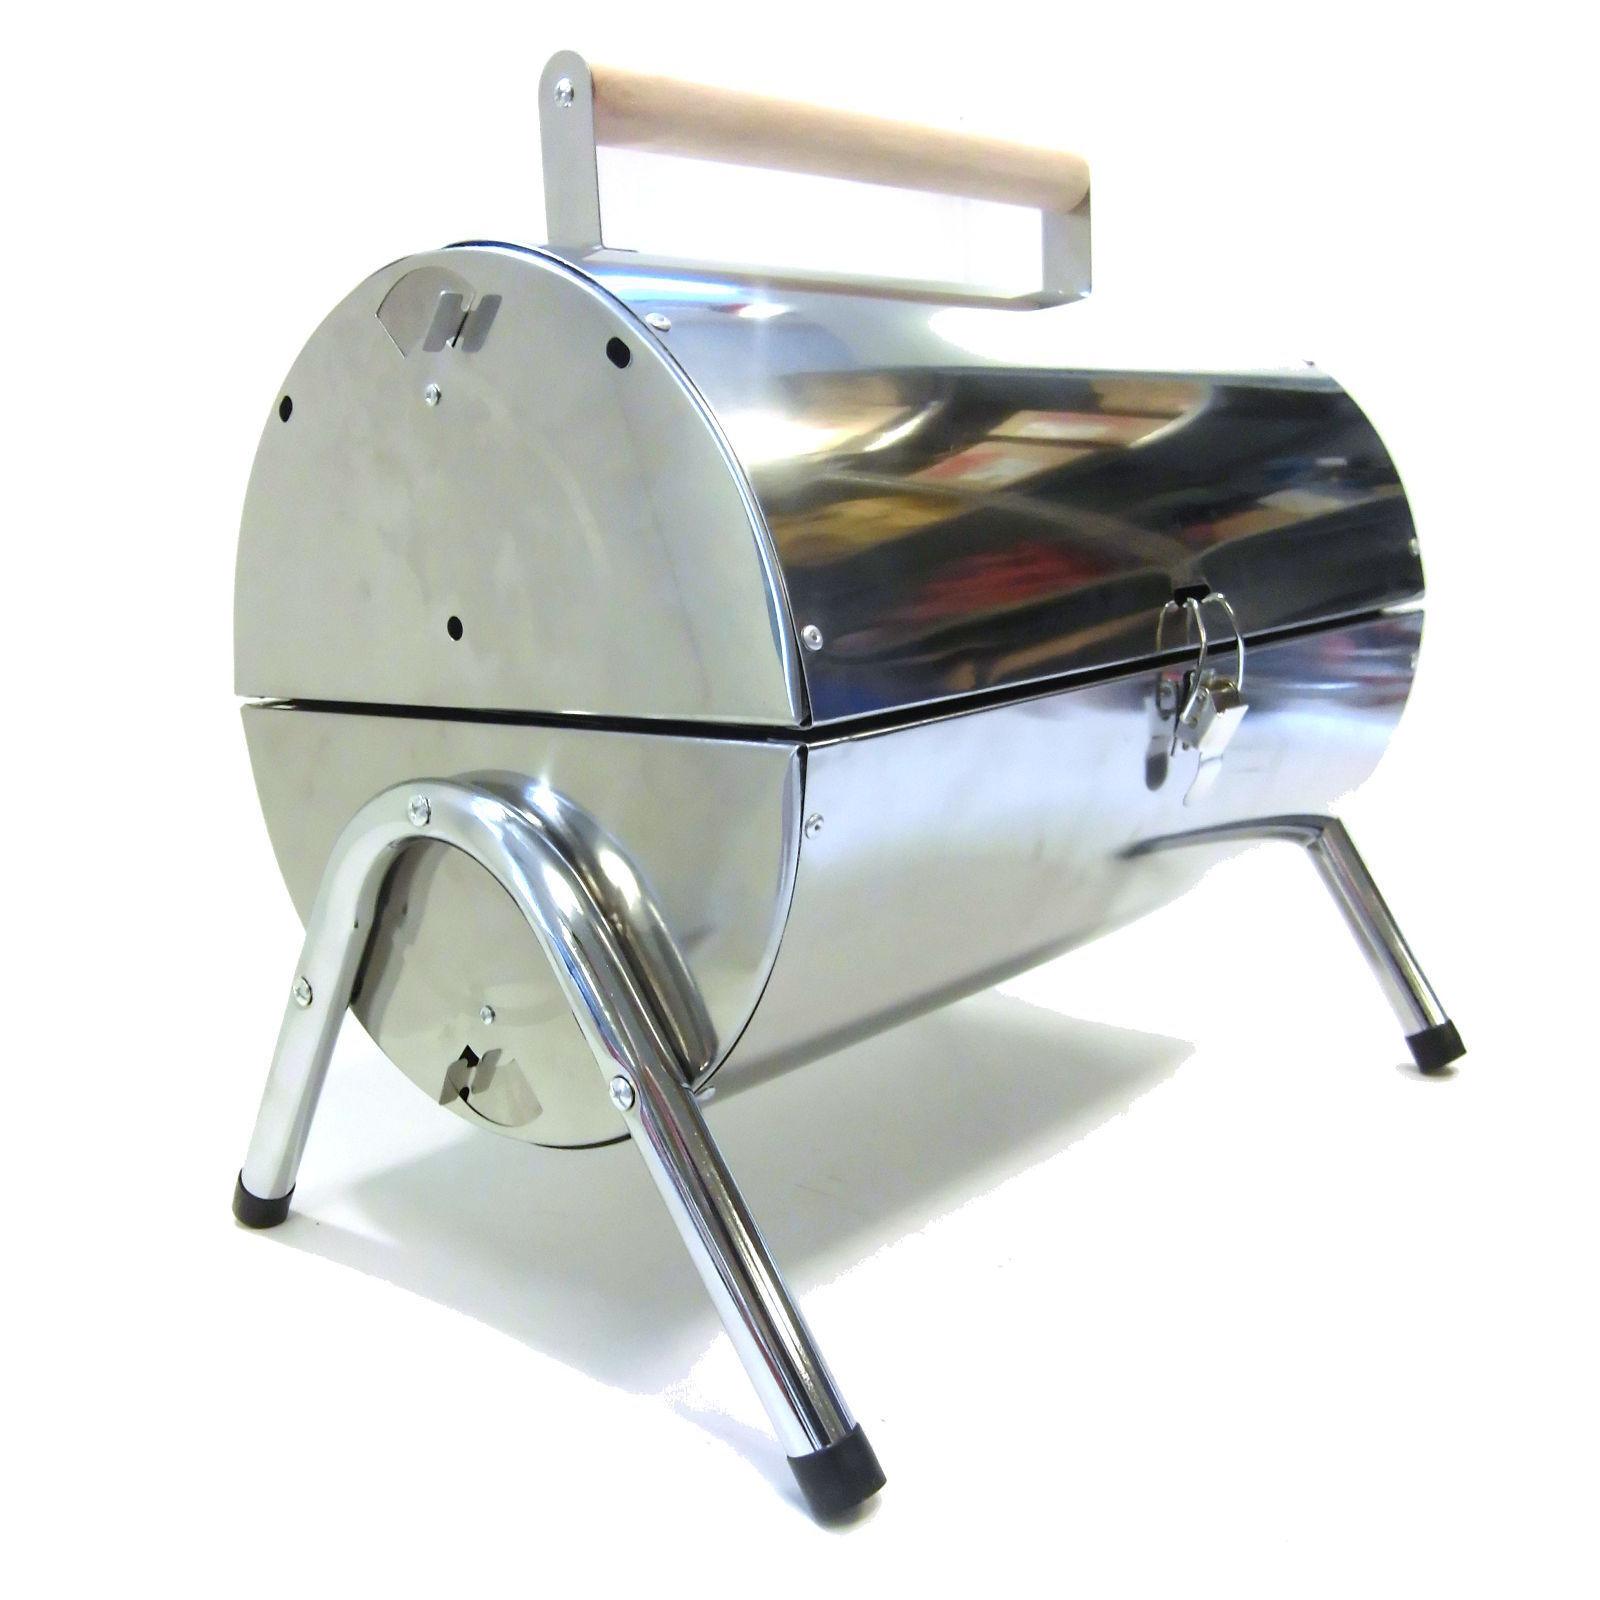 Portátil Cochebón Grill-original BBQ Collection